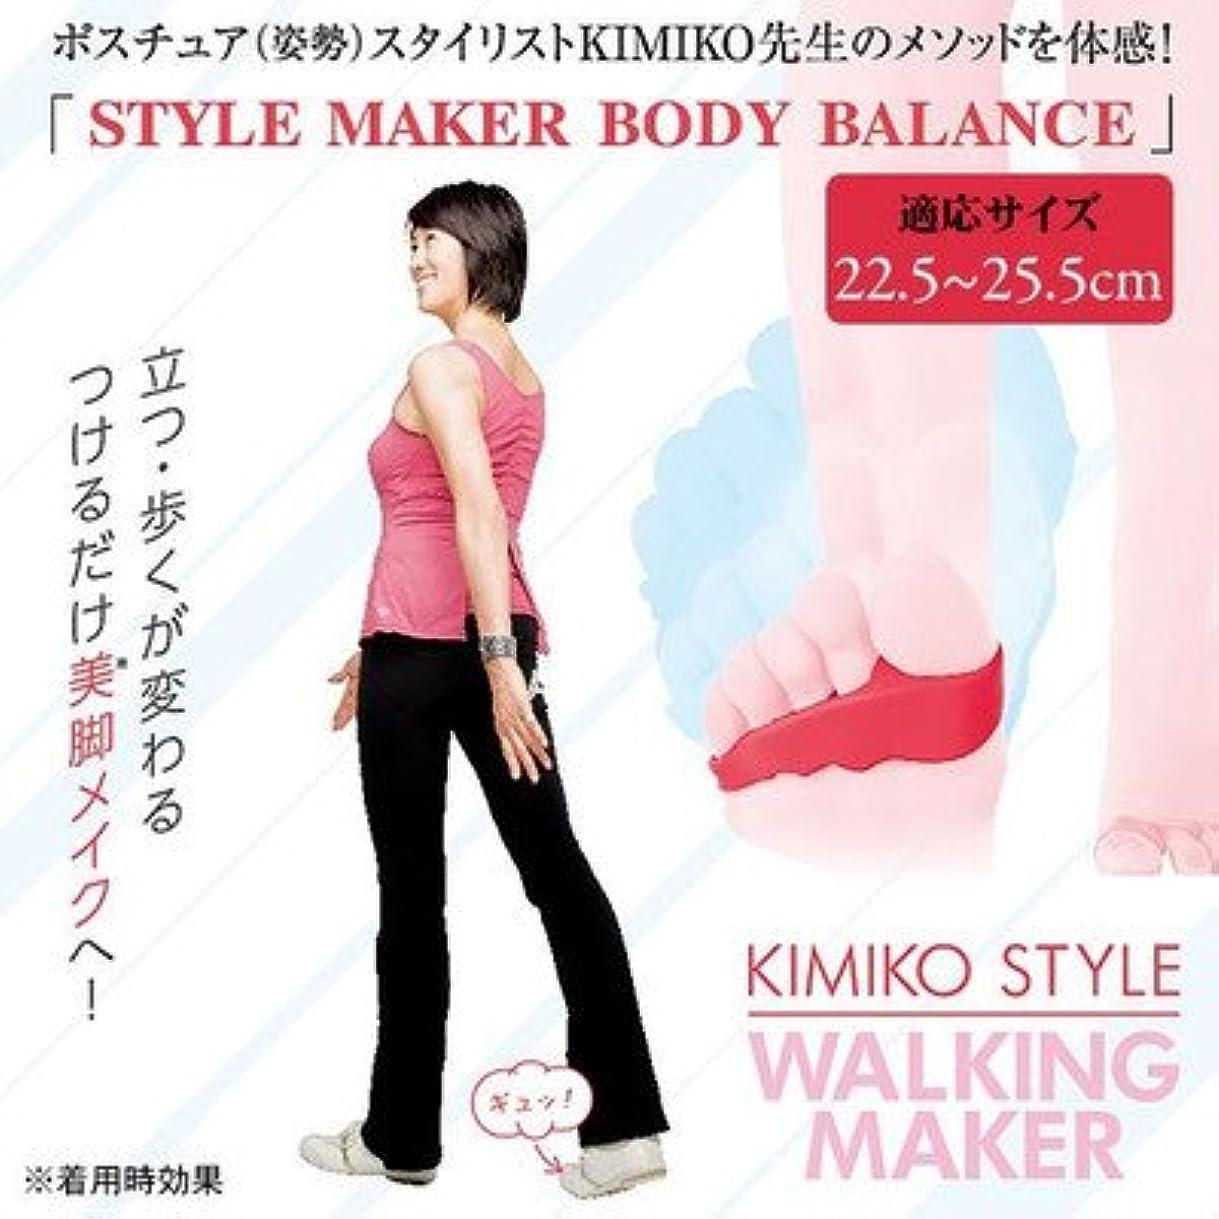 地平線サンダースアジャ付けて歩いて 正しい歩行姿勢へナビゲート KIMIKO STYLE キミコスタイル WALKING MAKER ウォーキングメーカー 1足入